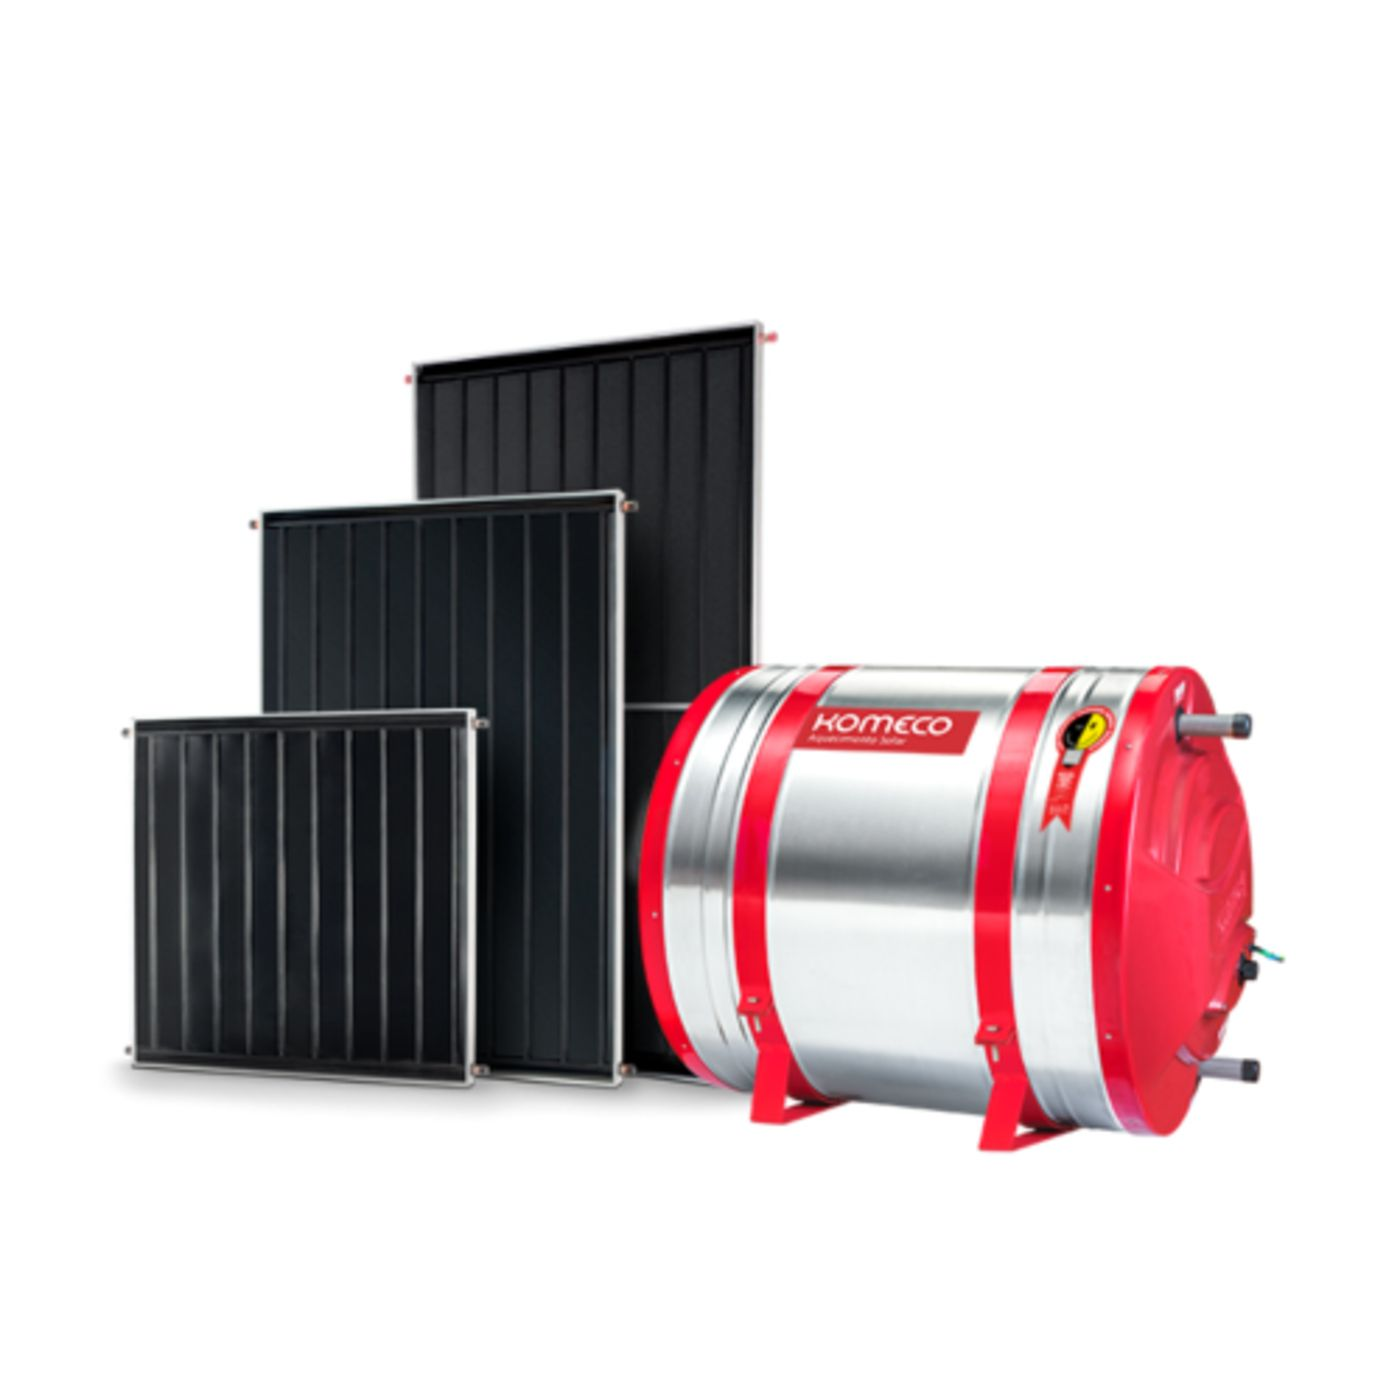 Kit aquecedor solar Komeco 300 Litros Alta pressão 316 + 3 Coletores 1 x 1 metro